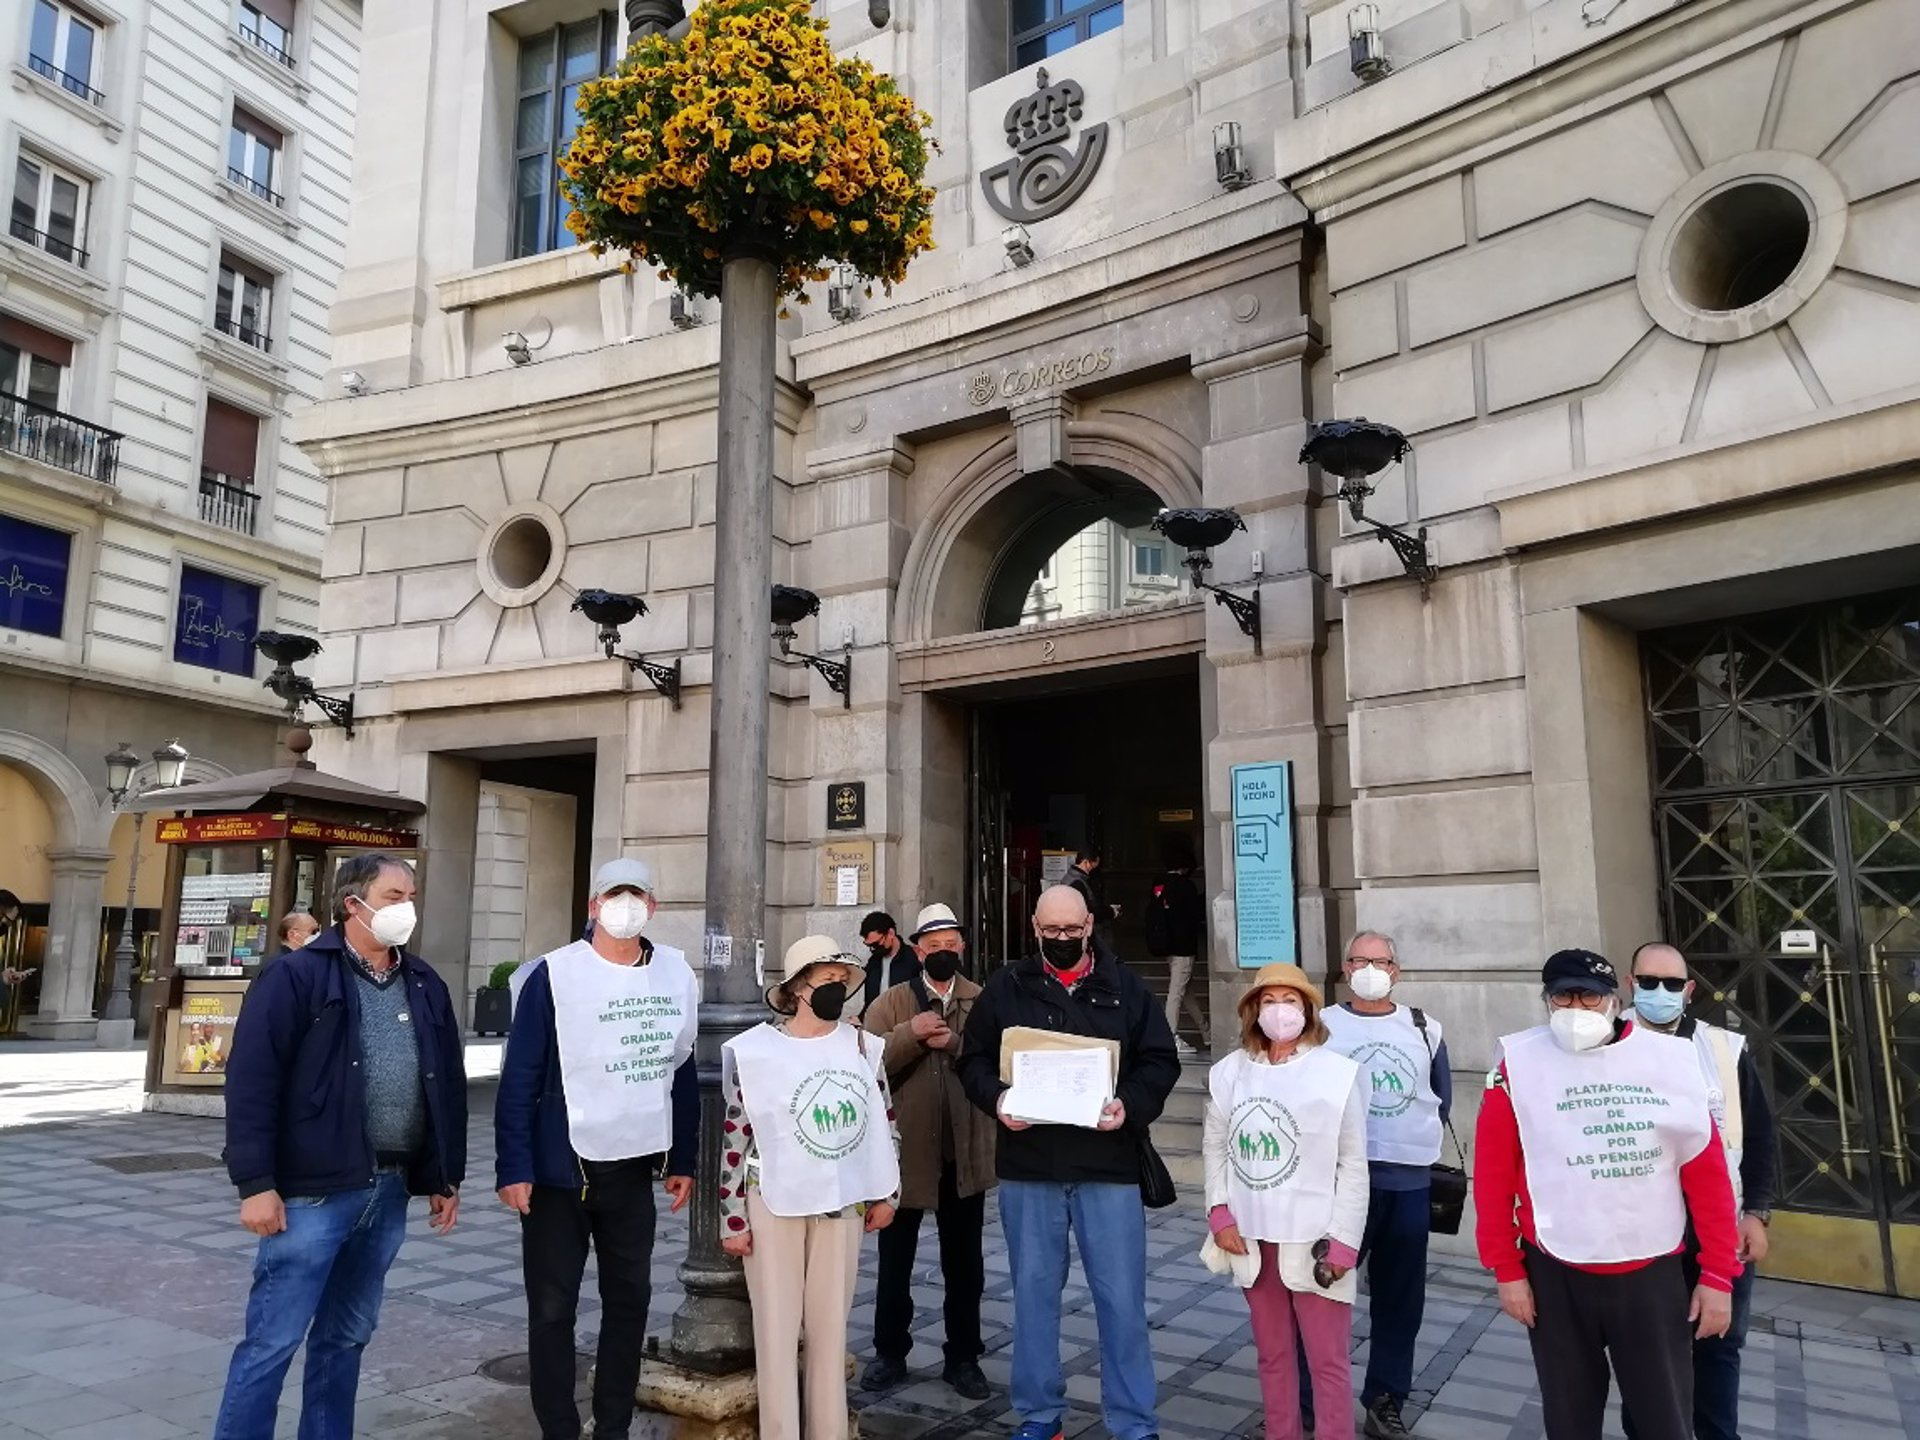 Recogen más de 5.000 firmas para exigir una auditoría de la hucha de las pensiones